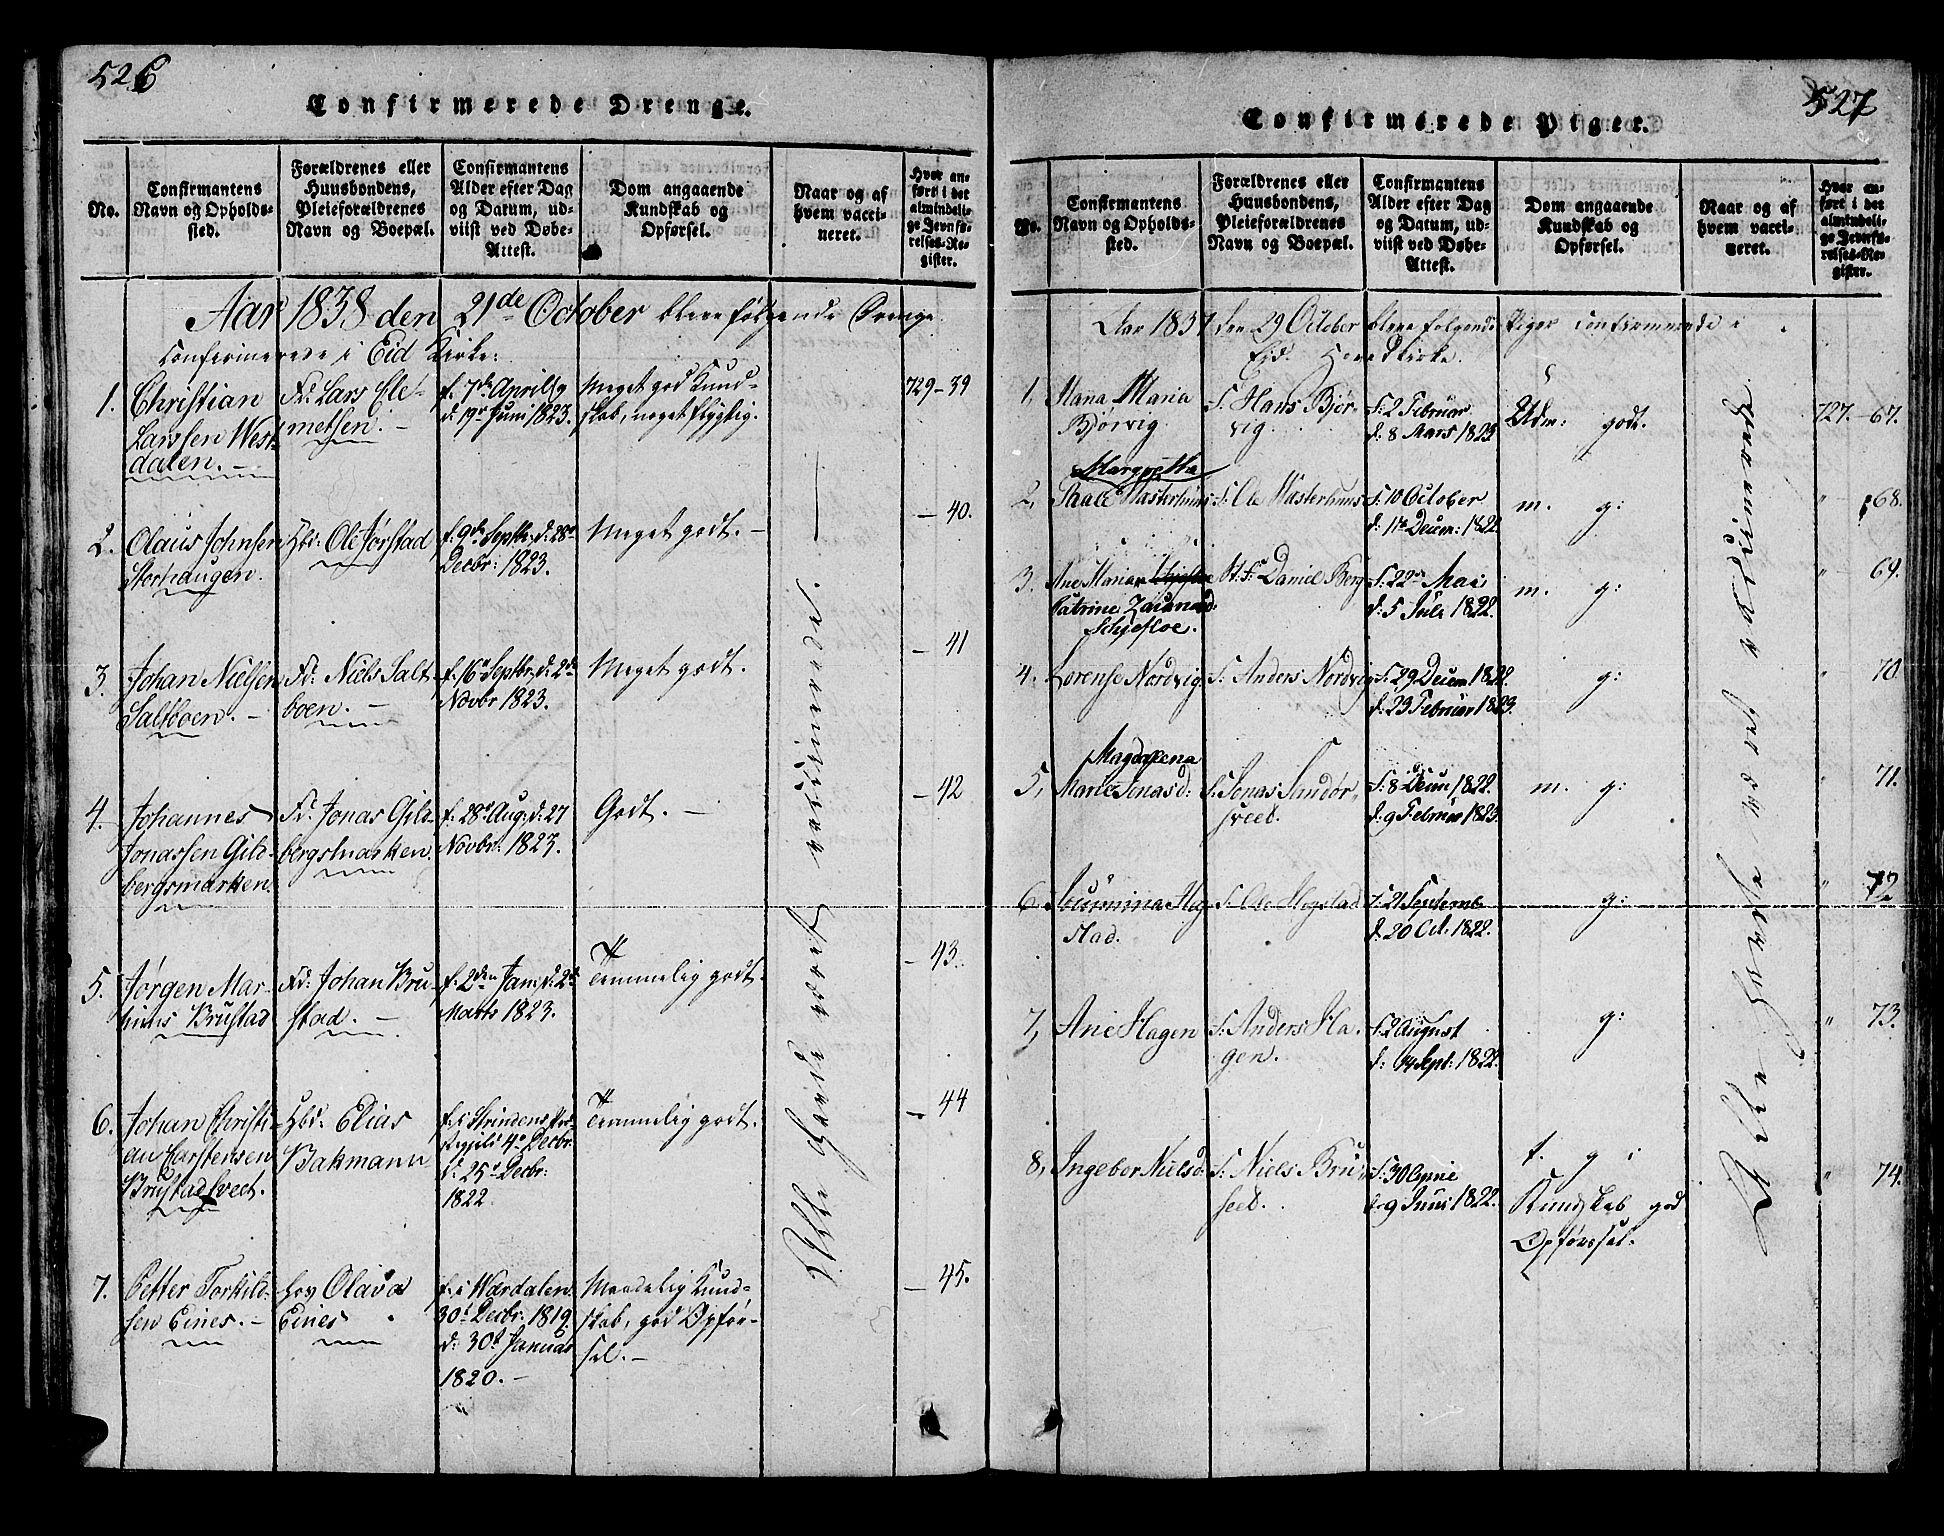 SAT, Ministerialprotokoller, klokkerbøker og fødselsregistre - Nord-Trøndelag, 722/L0217: Ministerialbok nr. 722A04, 1817-1842, s. 526-527